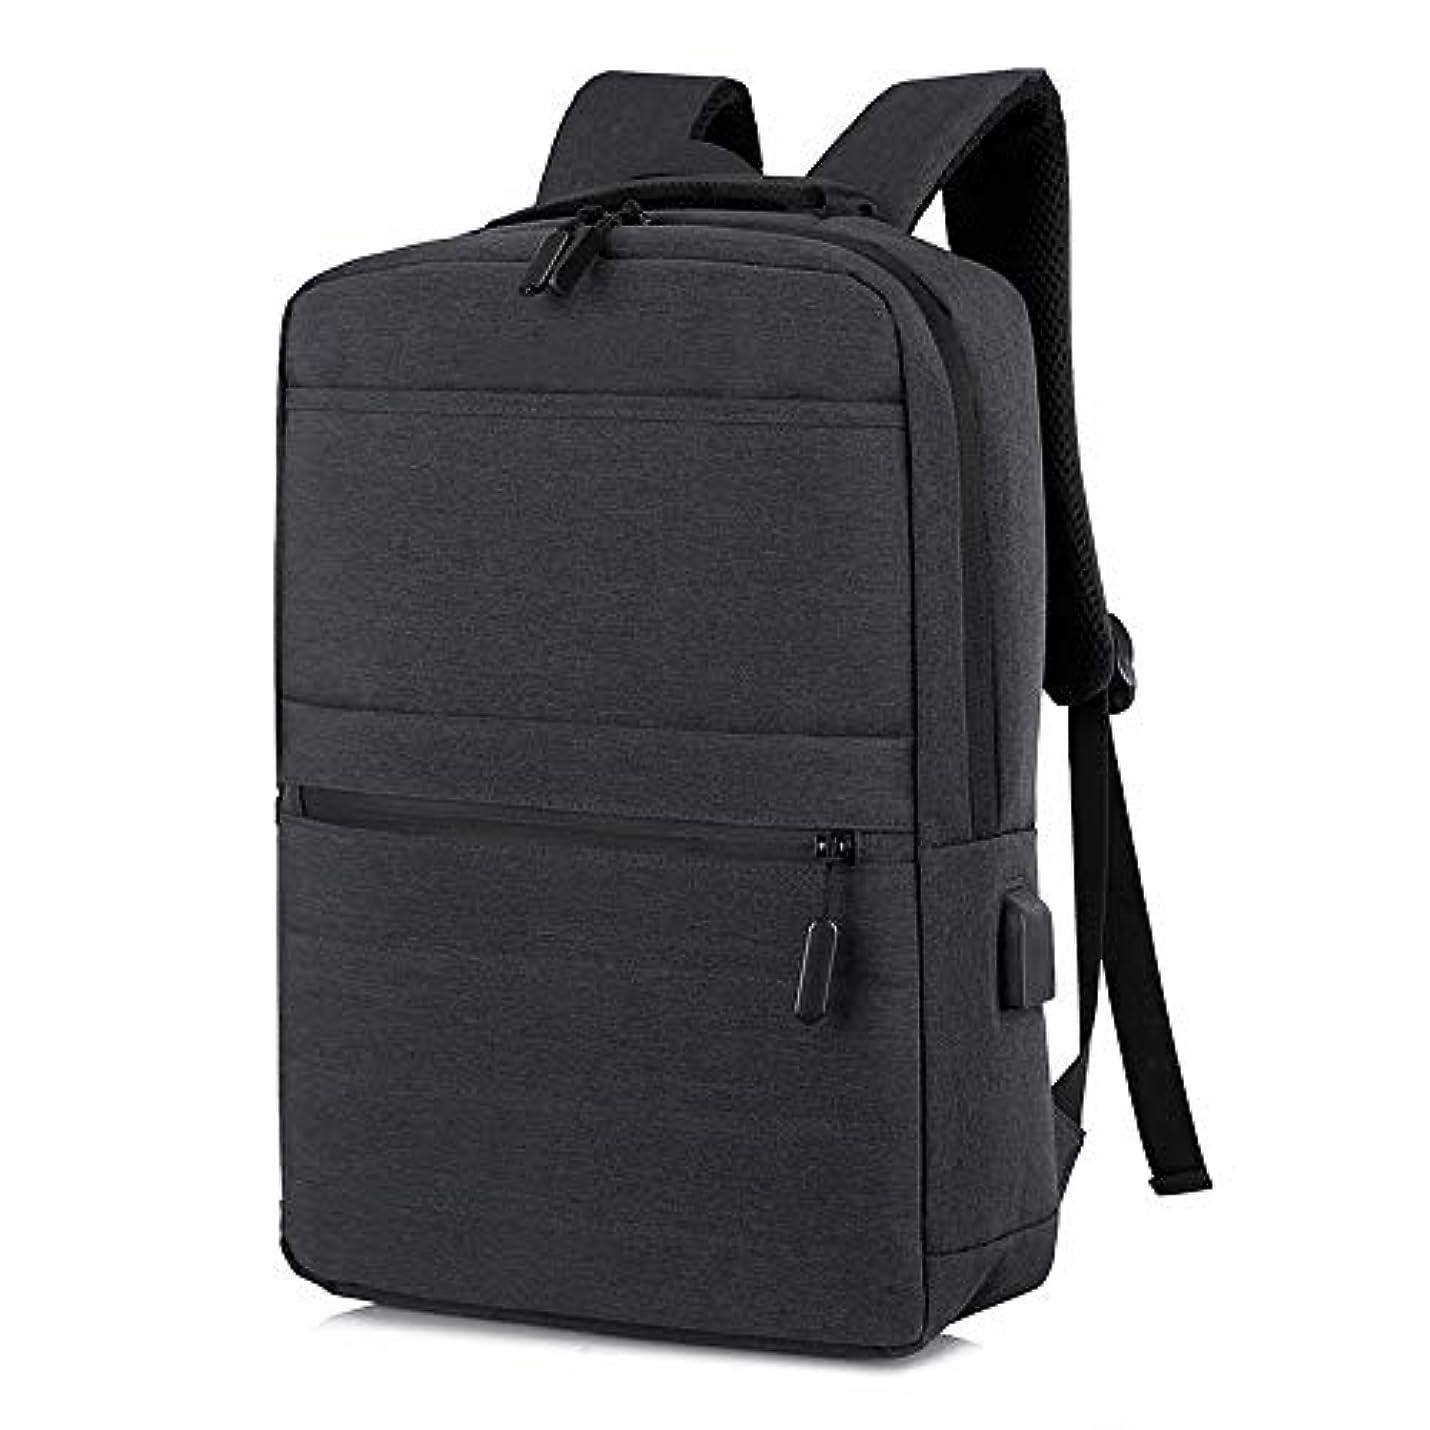 条約ペンス親2019新しいファッションバックパックカジュアルコンピュータバッグナイロン防水旅行バックパック